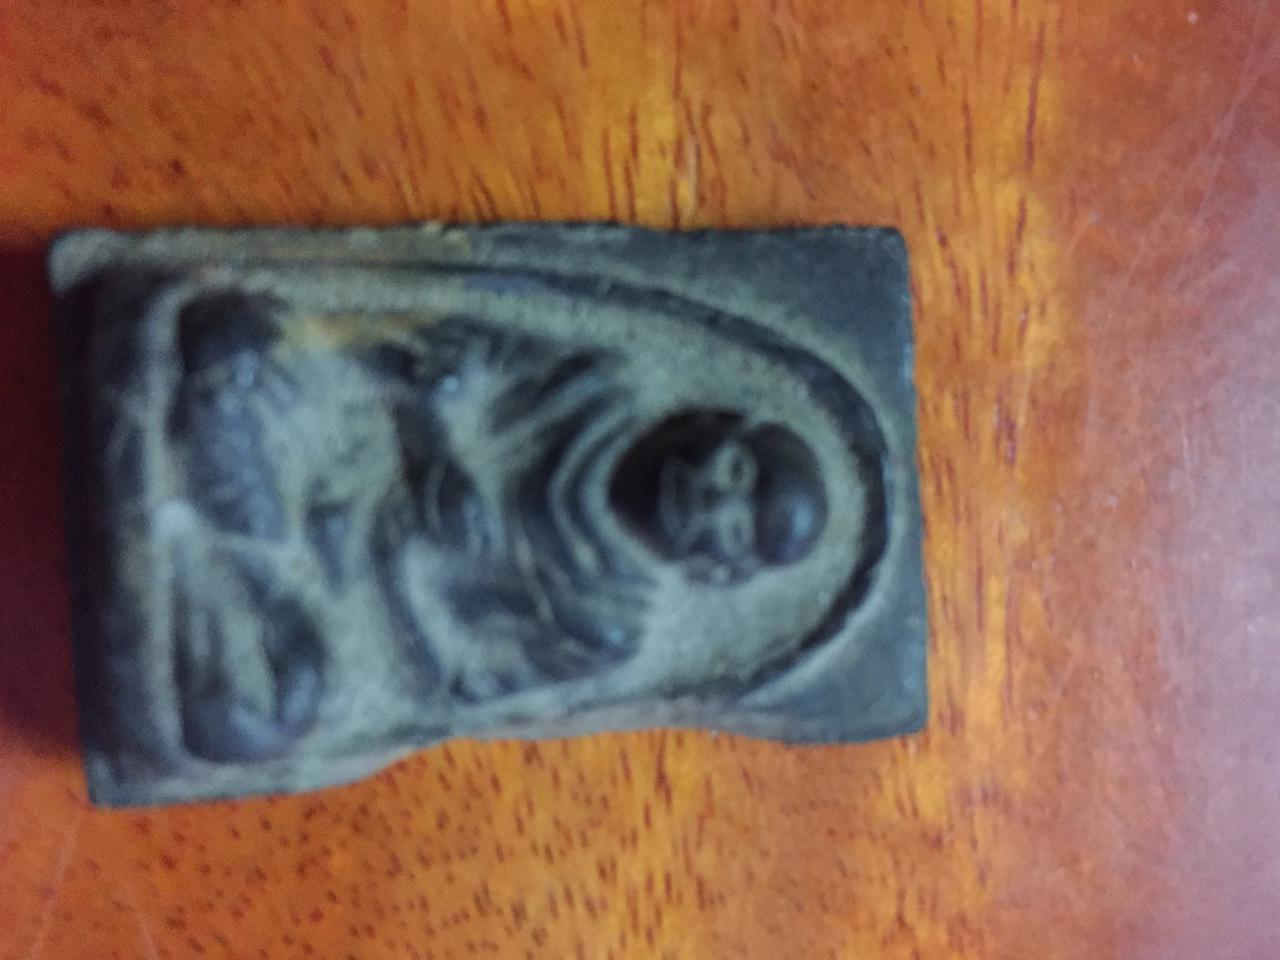 พระสมเด็จพุฒาจารย์โต  รุ่น 113 พ.ศ.2411 ด้านหลัง ร.5 จปร.เนื้อผงสีดำเก่าเก็บ รูปที่ 1